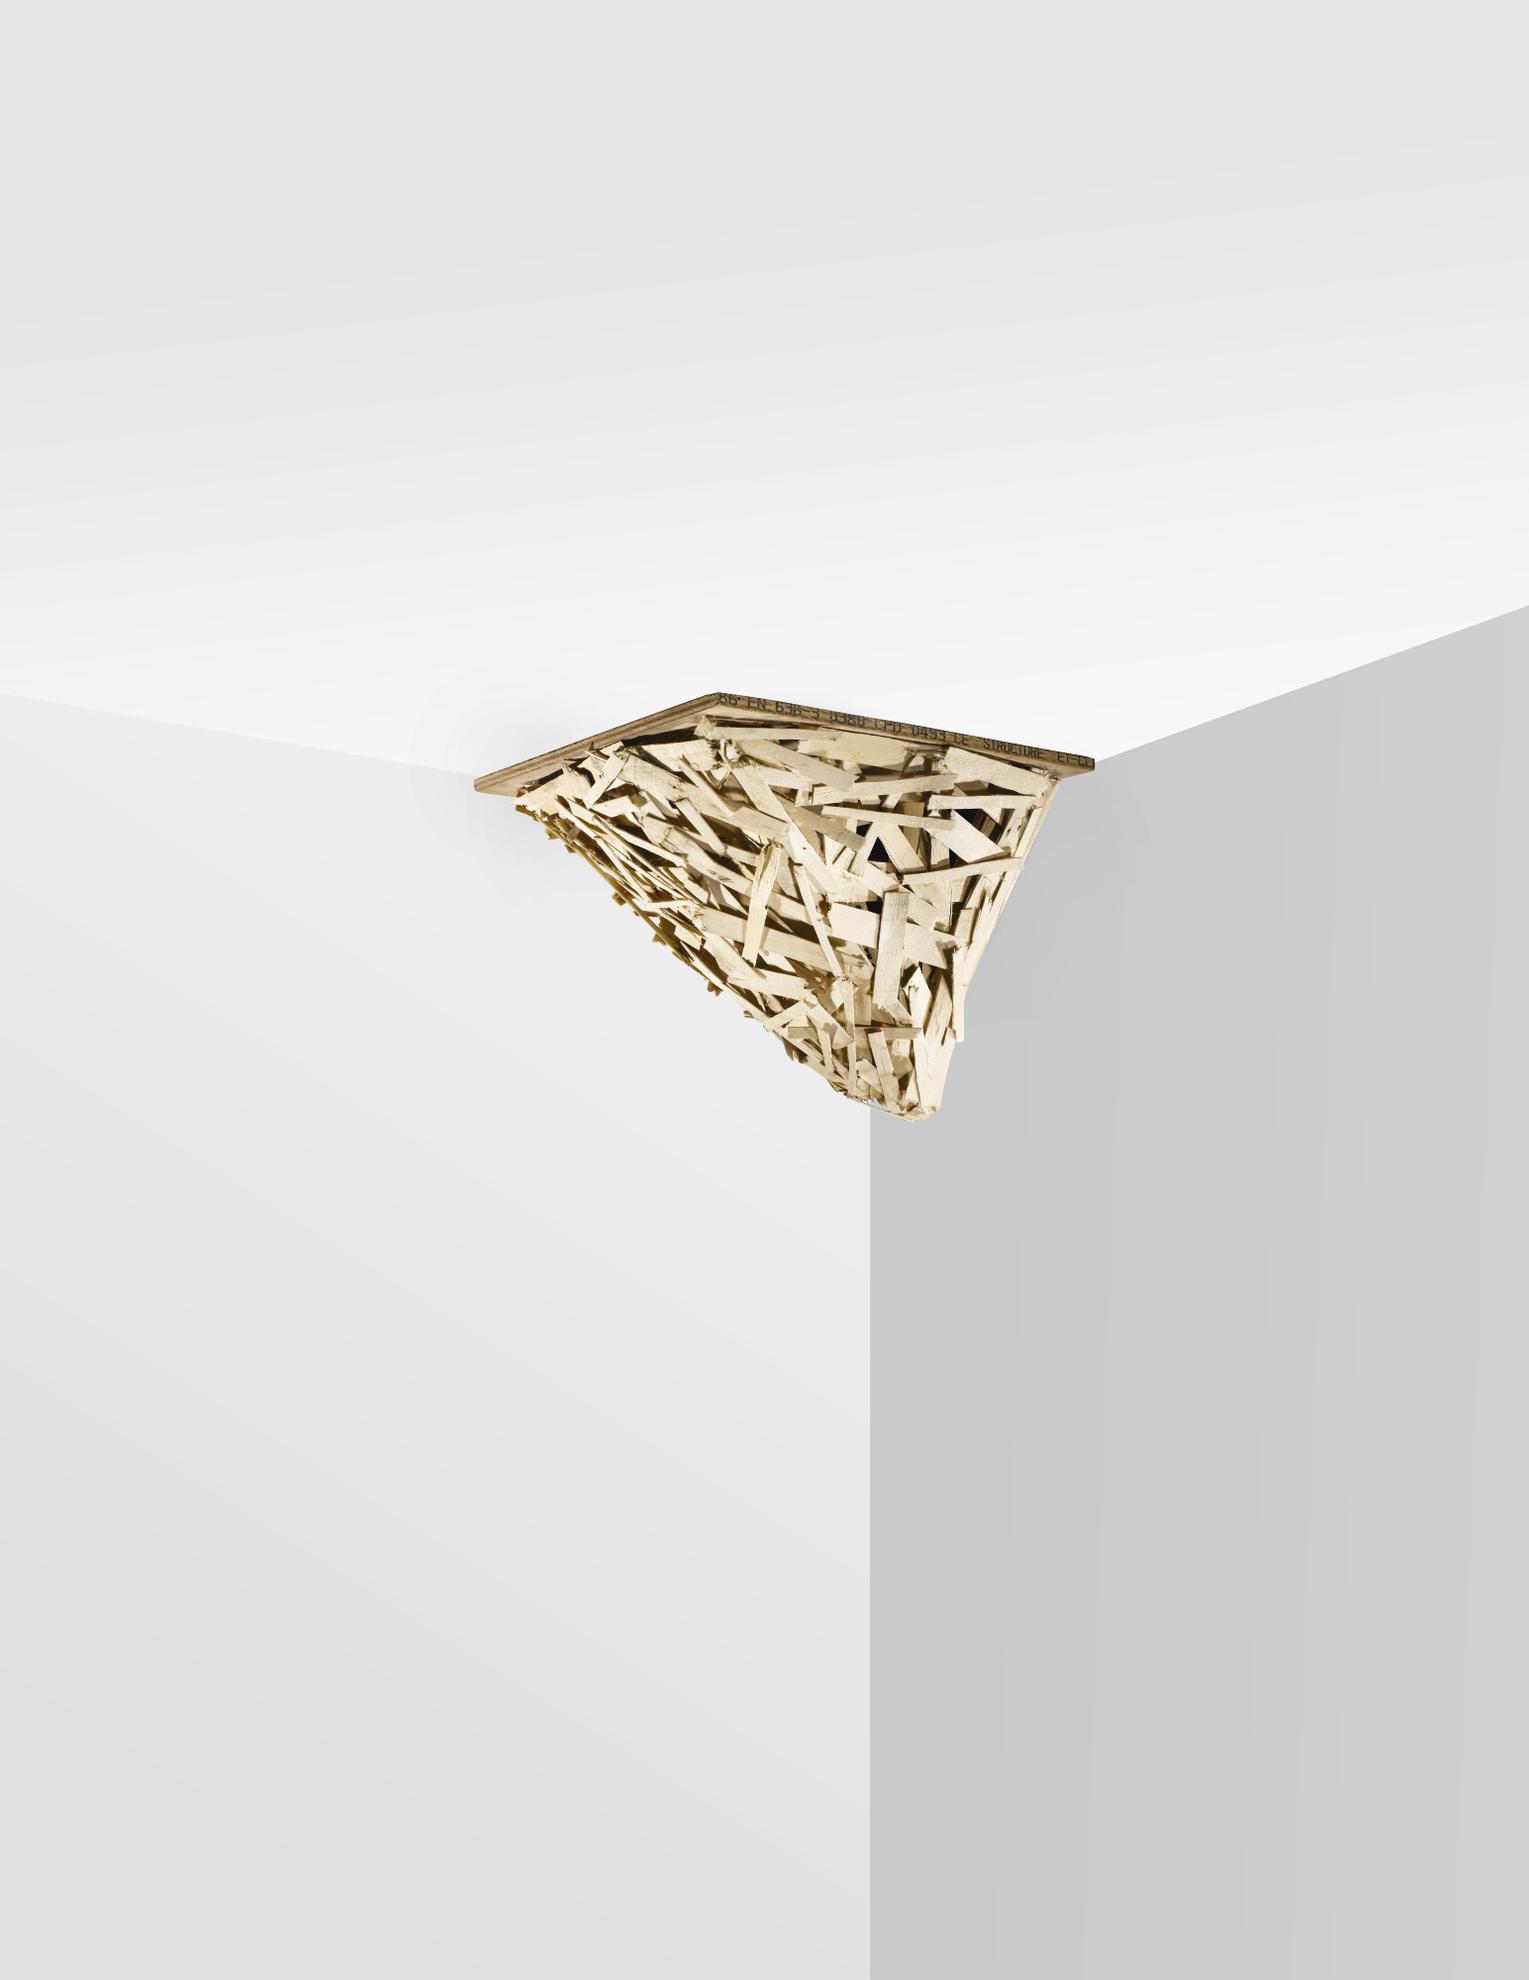 Tadashi Kawamata-Corner Piece No. 43-2015